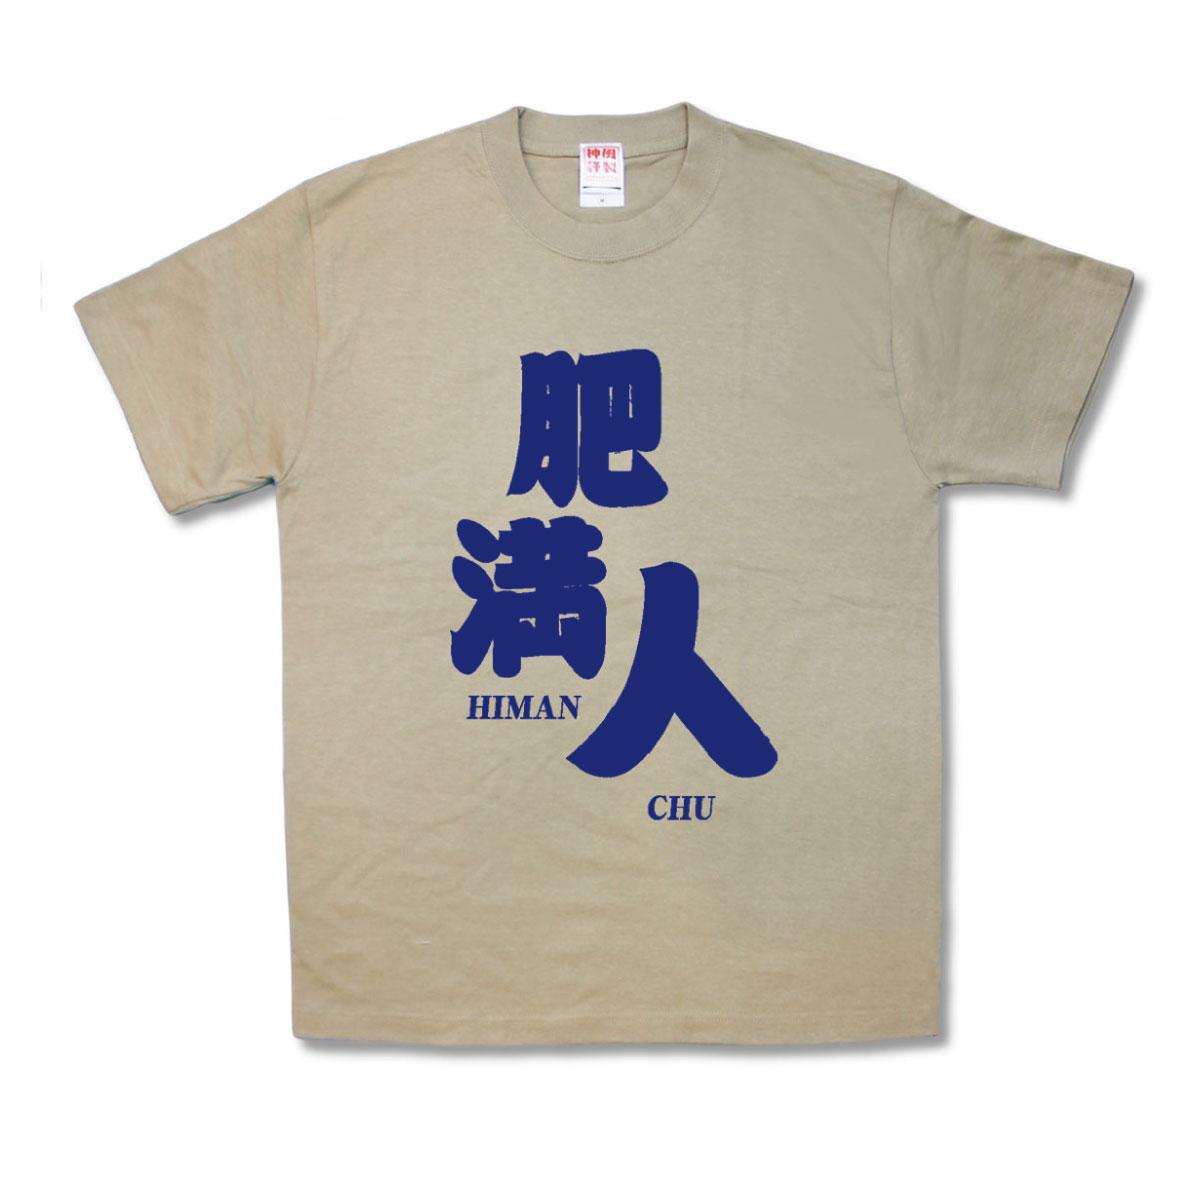 おもしろTシャツ ※ラッピング 低価格化 ※ 肥満人